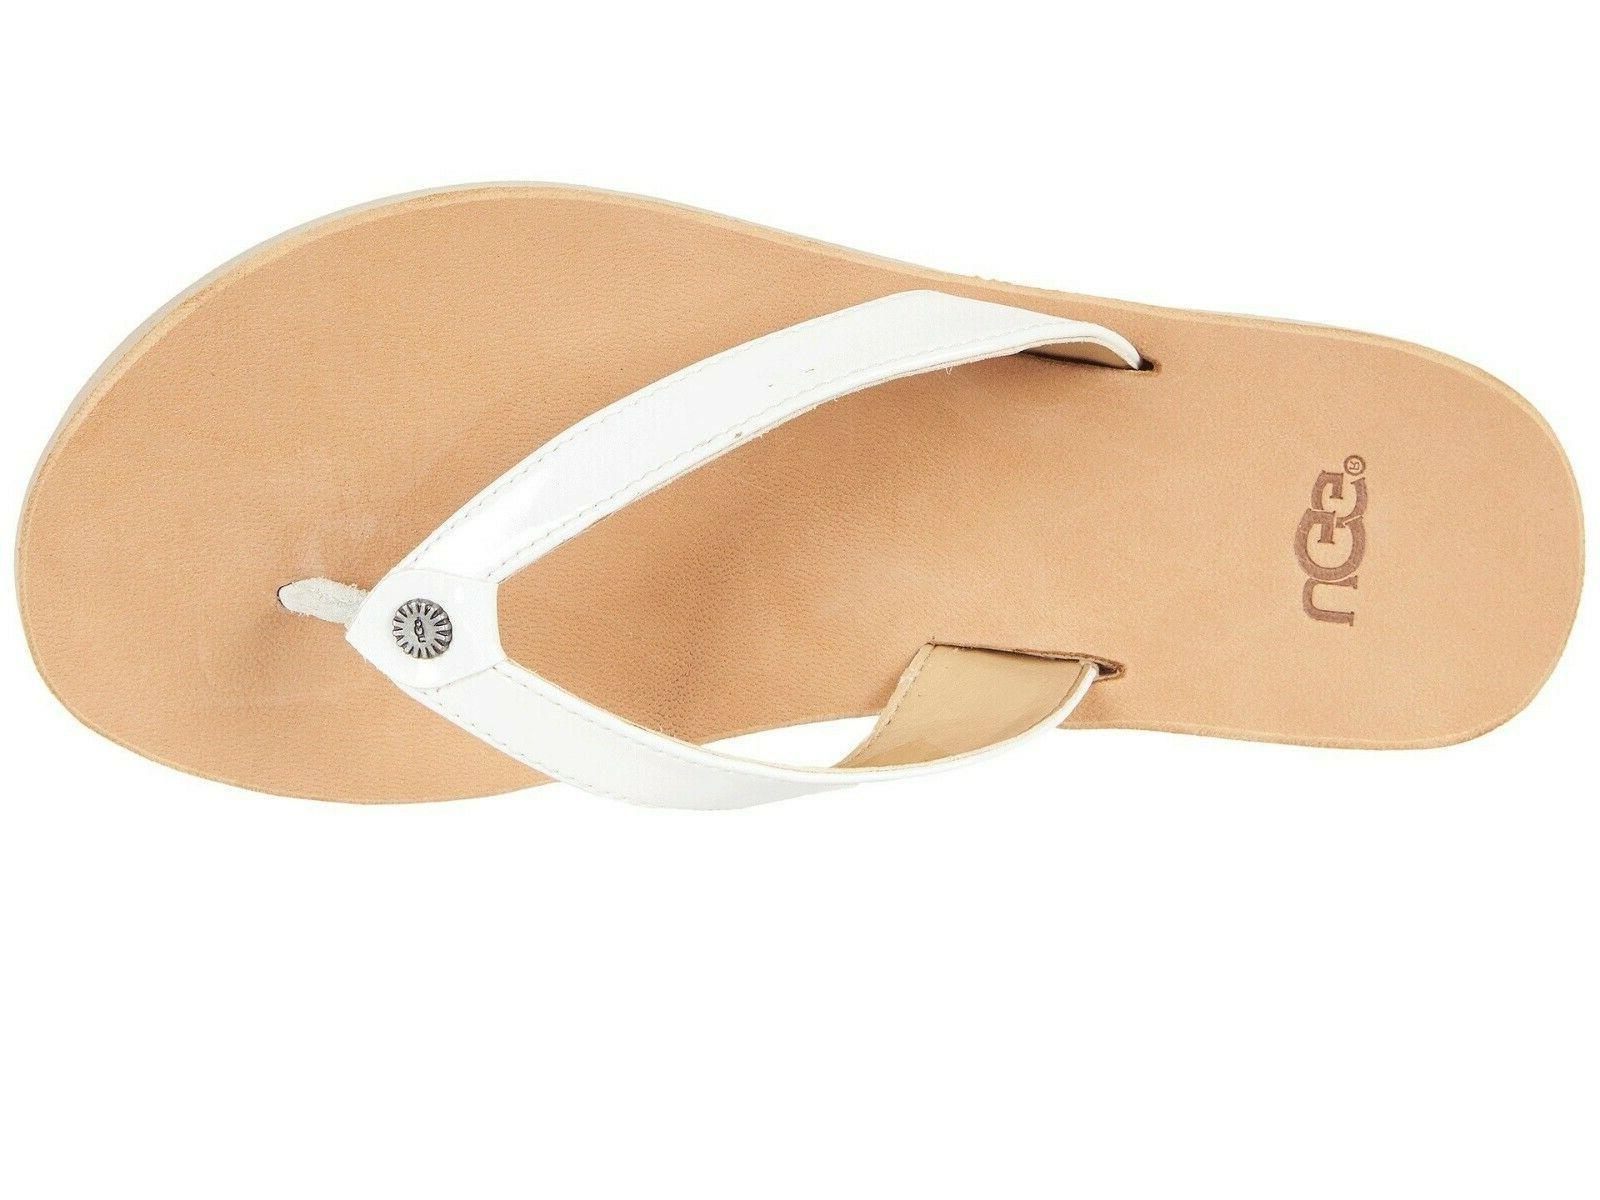 NEW Womens White Flip Tawney Sandals Slippers